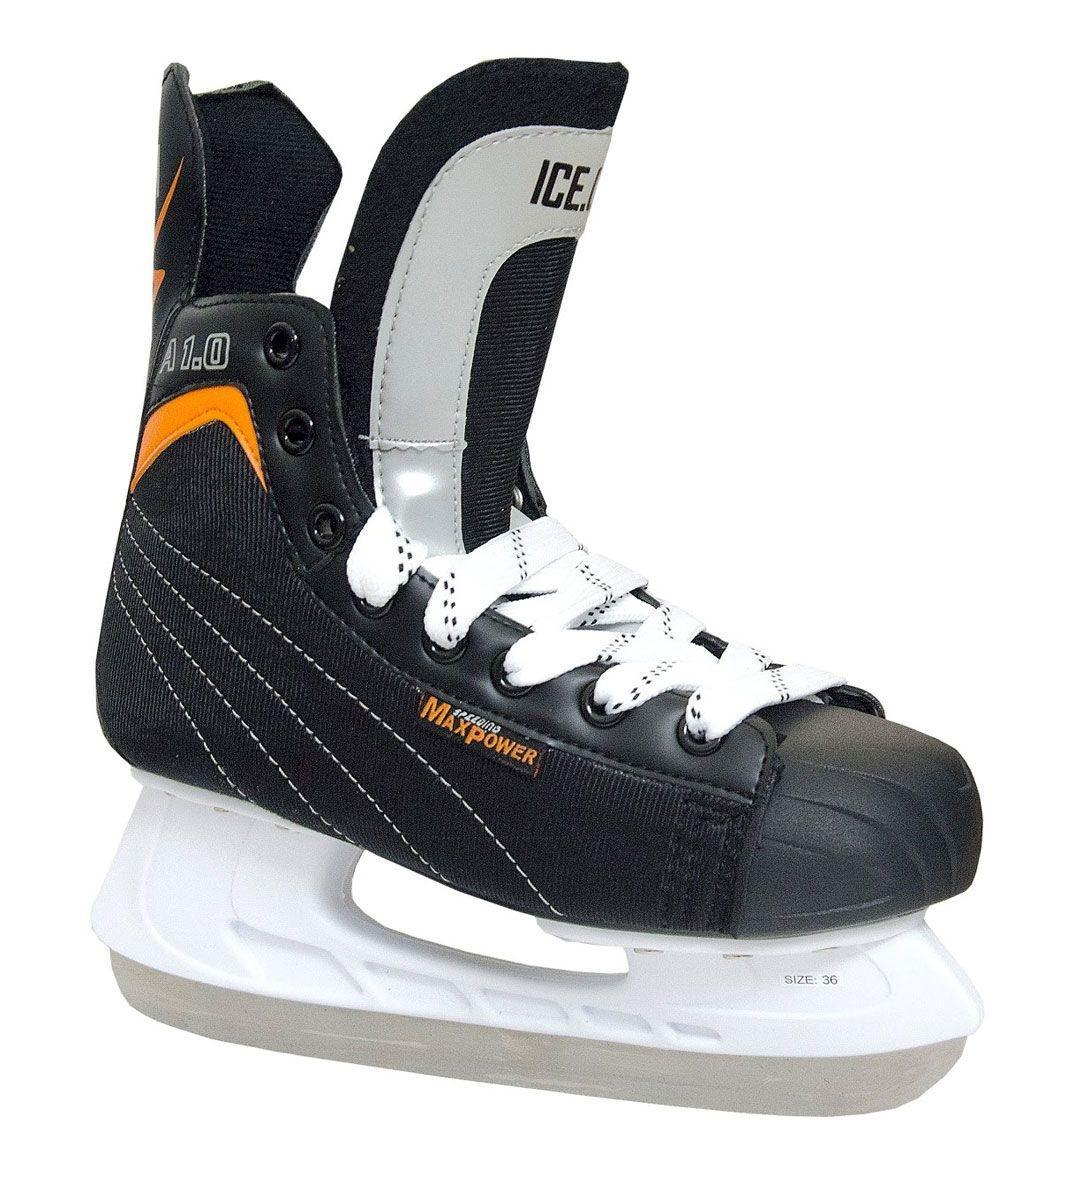 Коньки хоккейные Ice.Com A 1.0 2014, цвет: черный, оранжевый. Размер 40ForceКоньки A 1.0 предназначены для игры в хоккей. Верх ботинка выполнен из морозостойкой искусственной кожи и нейлона. Мысок - морозостойкий ударопрочный PU, подошва - морозостойкий ПВХ. Толстый войлочный язык. Удобный высокий ботинок с широкой анатомической колодкой позволяет надежно фиксировать голеностоп.Для того, чтобы Вам максимально точно подобрать размер коньков, узнайте длину стопы с точностью до миллиметра. Для этого поставьте босую ногу на лист бумаги А4 и отметьте на бумаге самые крайние точки Вашей стопы (пятка и носок). Затем измерьте обычной линейкой расстояние (до миллиметра) между этими отметками на бумаге. Не забудьте учесть 2-3 мм запаса под носок.